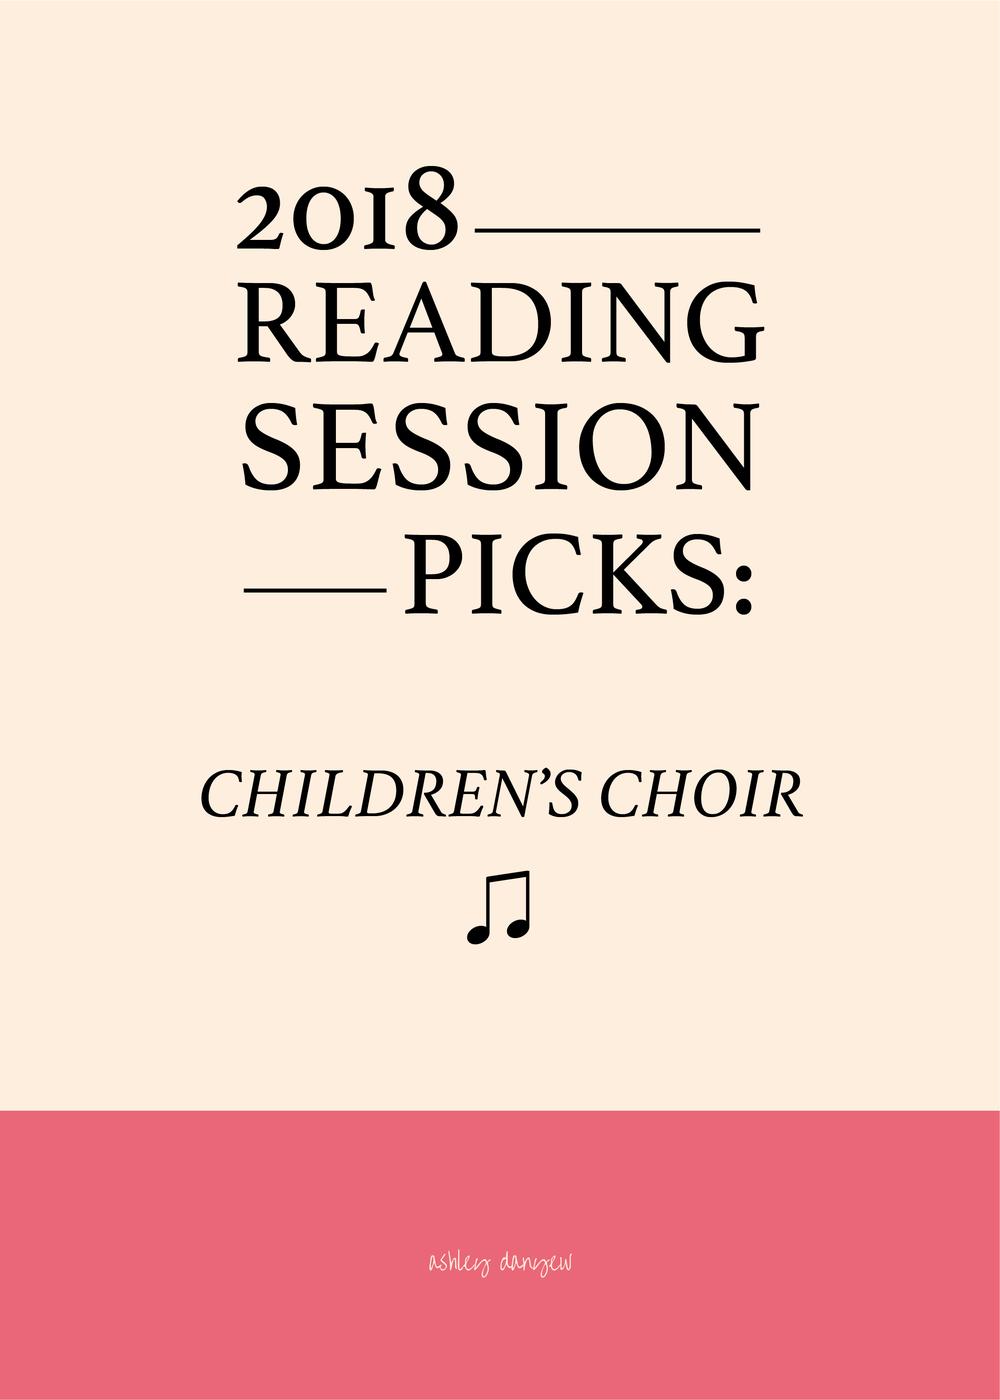 2018 Reading Session Picks - Children's Choir-40.png